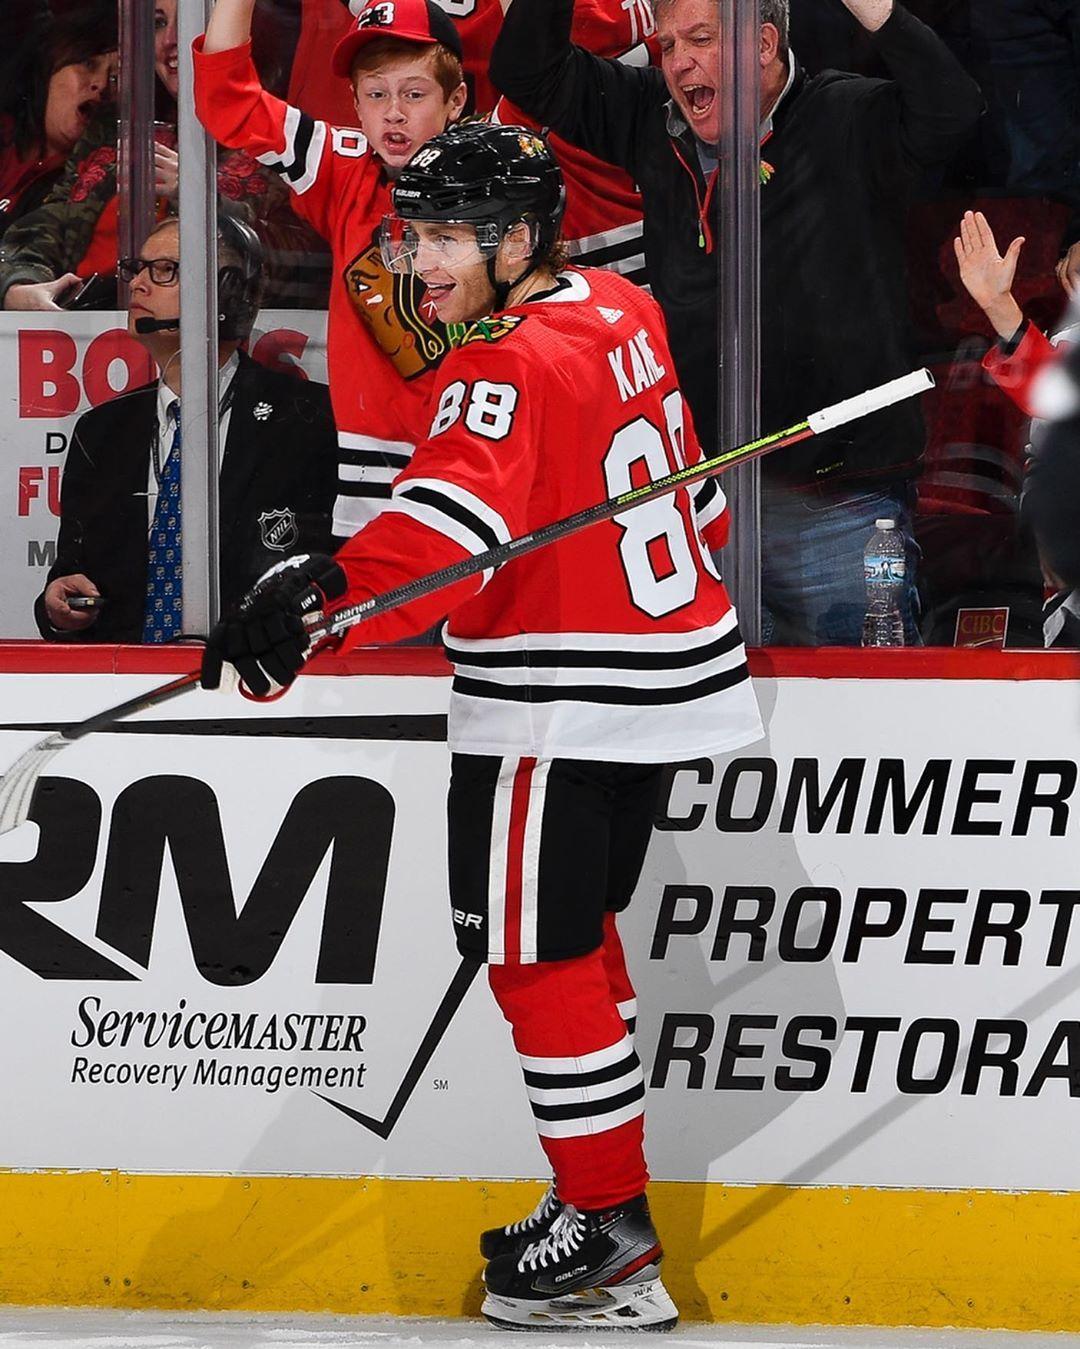 Chicago Blackhawks On Instagram Thatshockeybaby Chicago Blackhawks Blackhawks Chicago Blackhawks Hockey